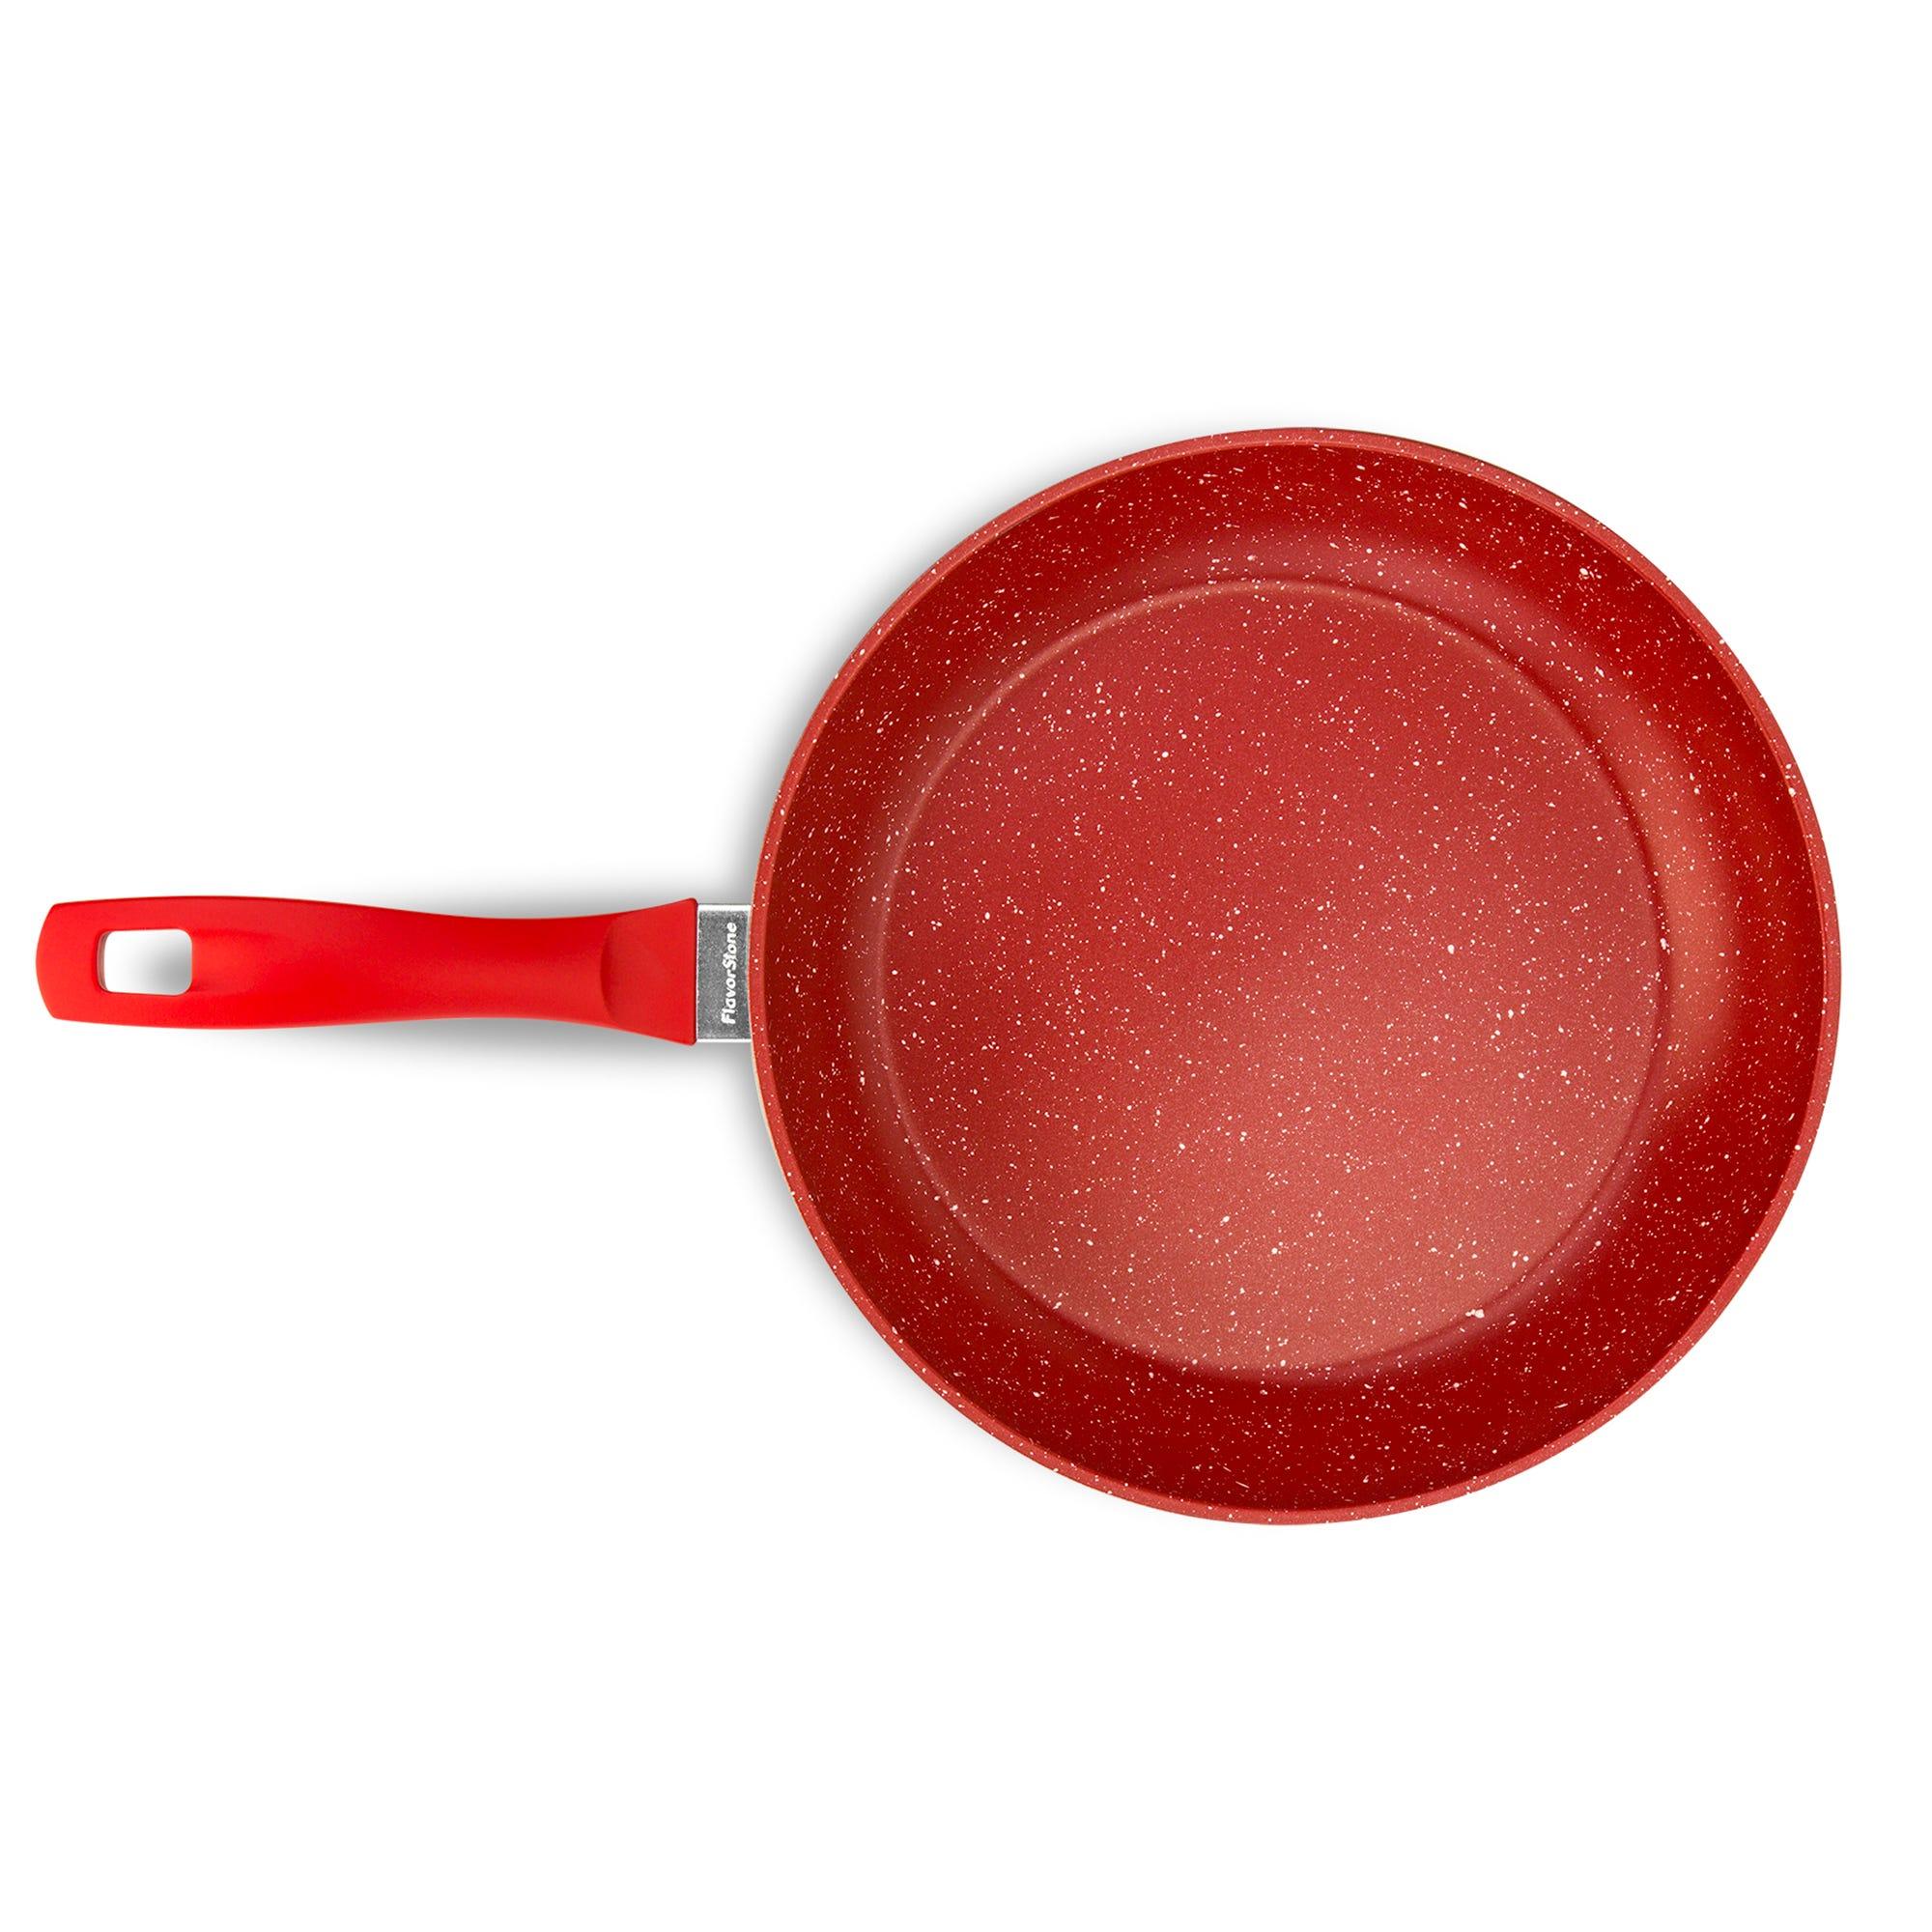 Sartén para saltear Flavor Stone de 28 cm en rojo